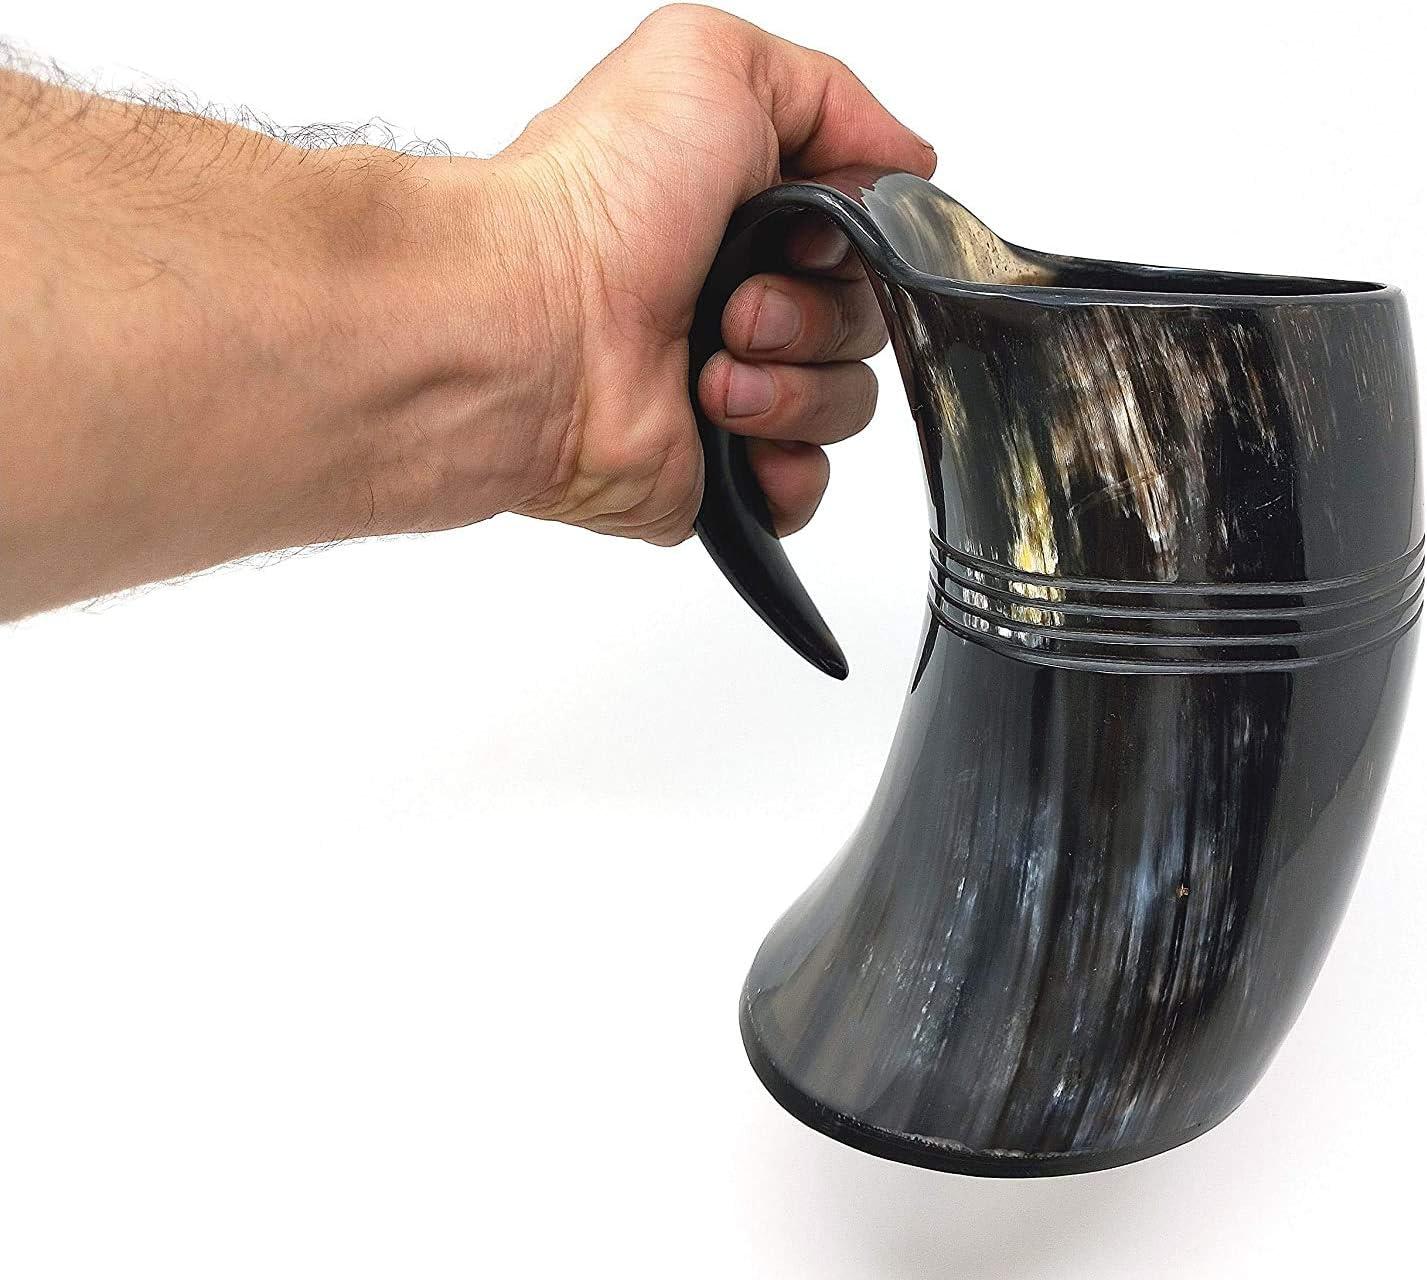 NAUTICAL GIFT Taza de cuernos de alta calidad   Jarra de cerveza Vikingo   Taza de cuerno de beber auténtica taza vikinga (1)